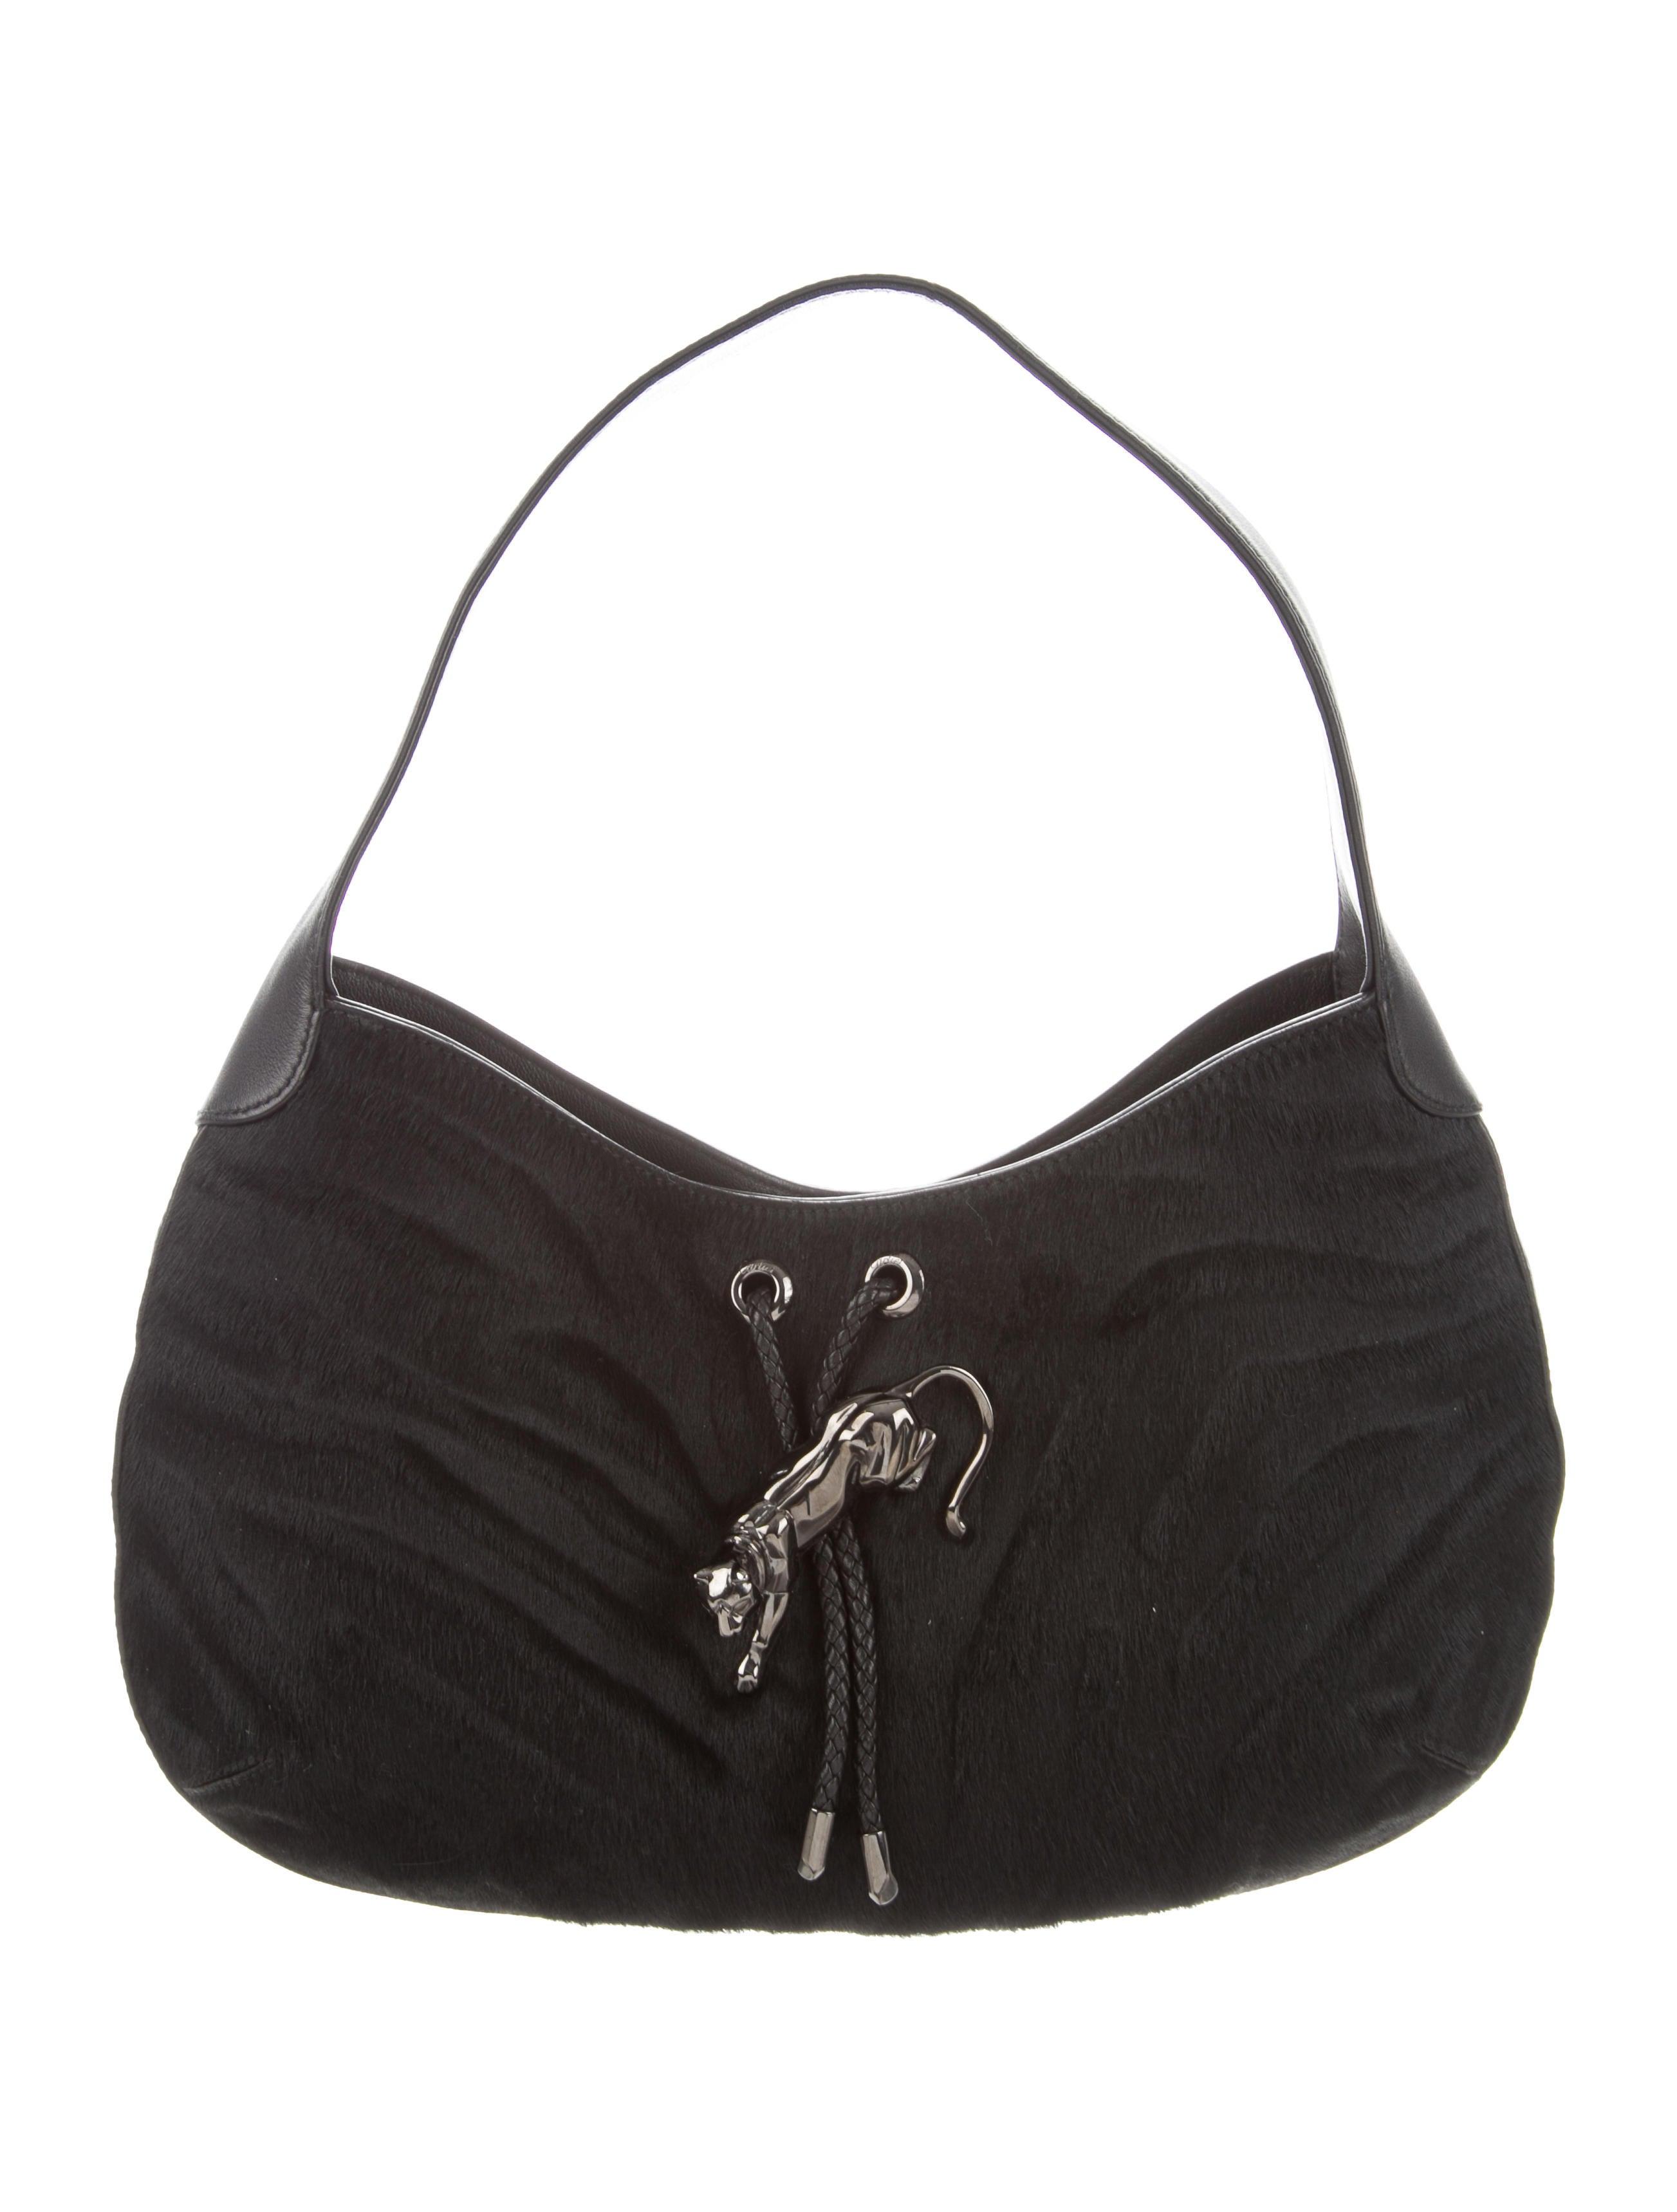 3309d1ada8 Cartier Ponyhair Panthère De Cartier Bag - Handbags - CRT43472